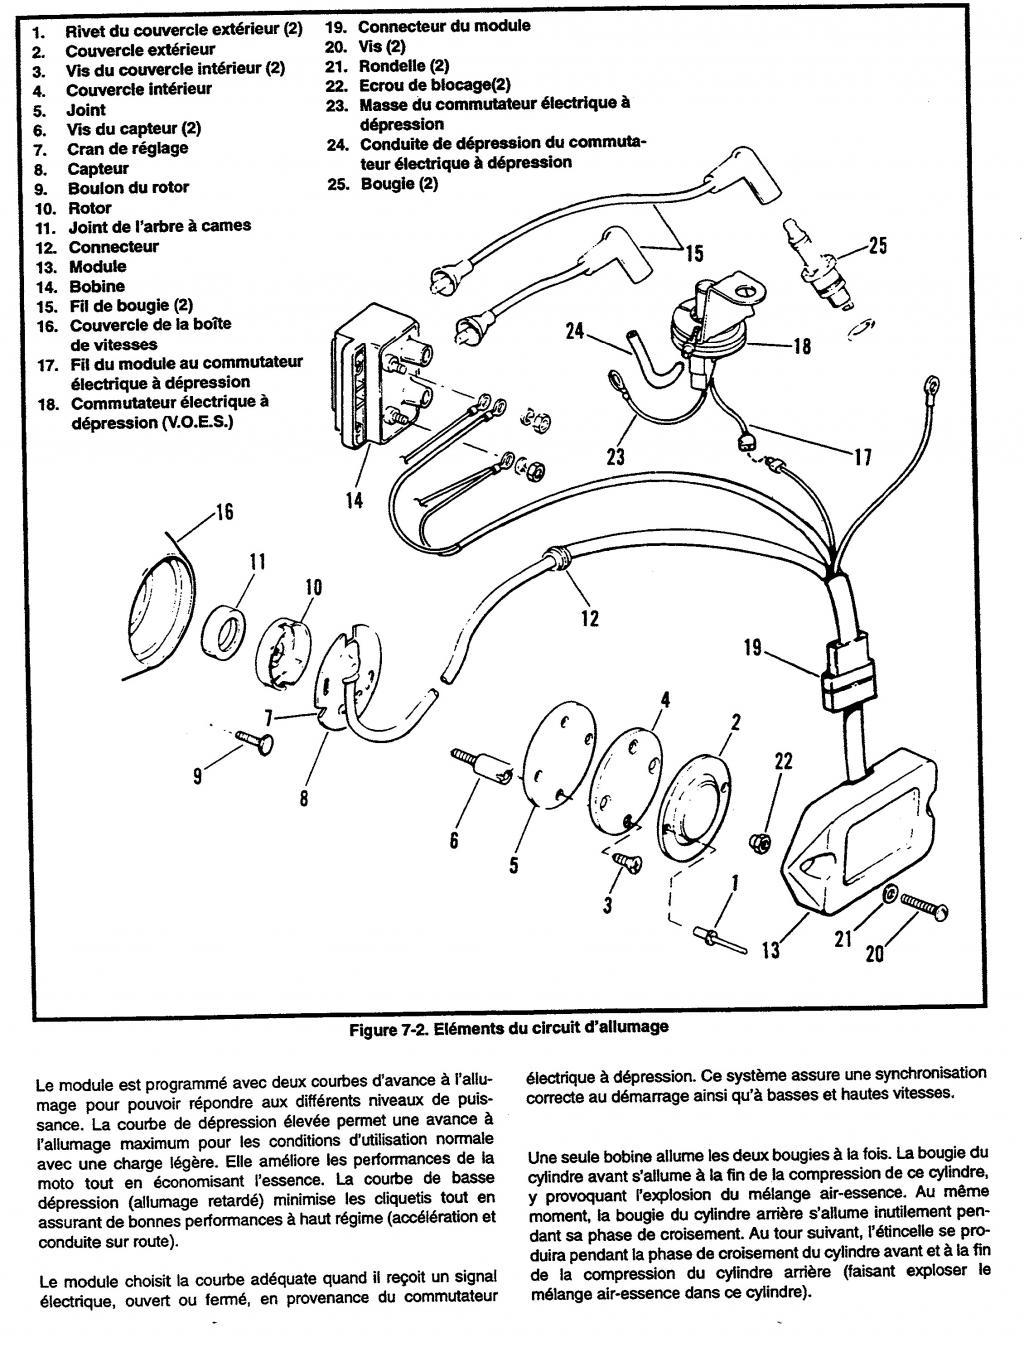 moteur mou sur sporster 883 carbu année 2000 - Page 2 Sans-titre-1-293e6ad